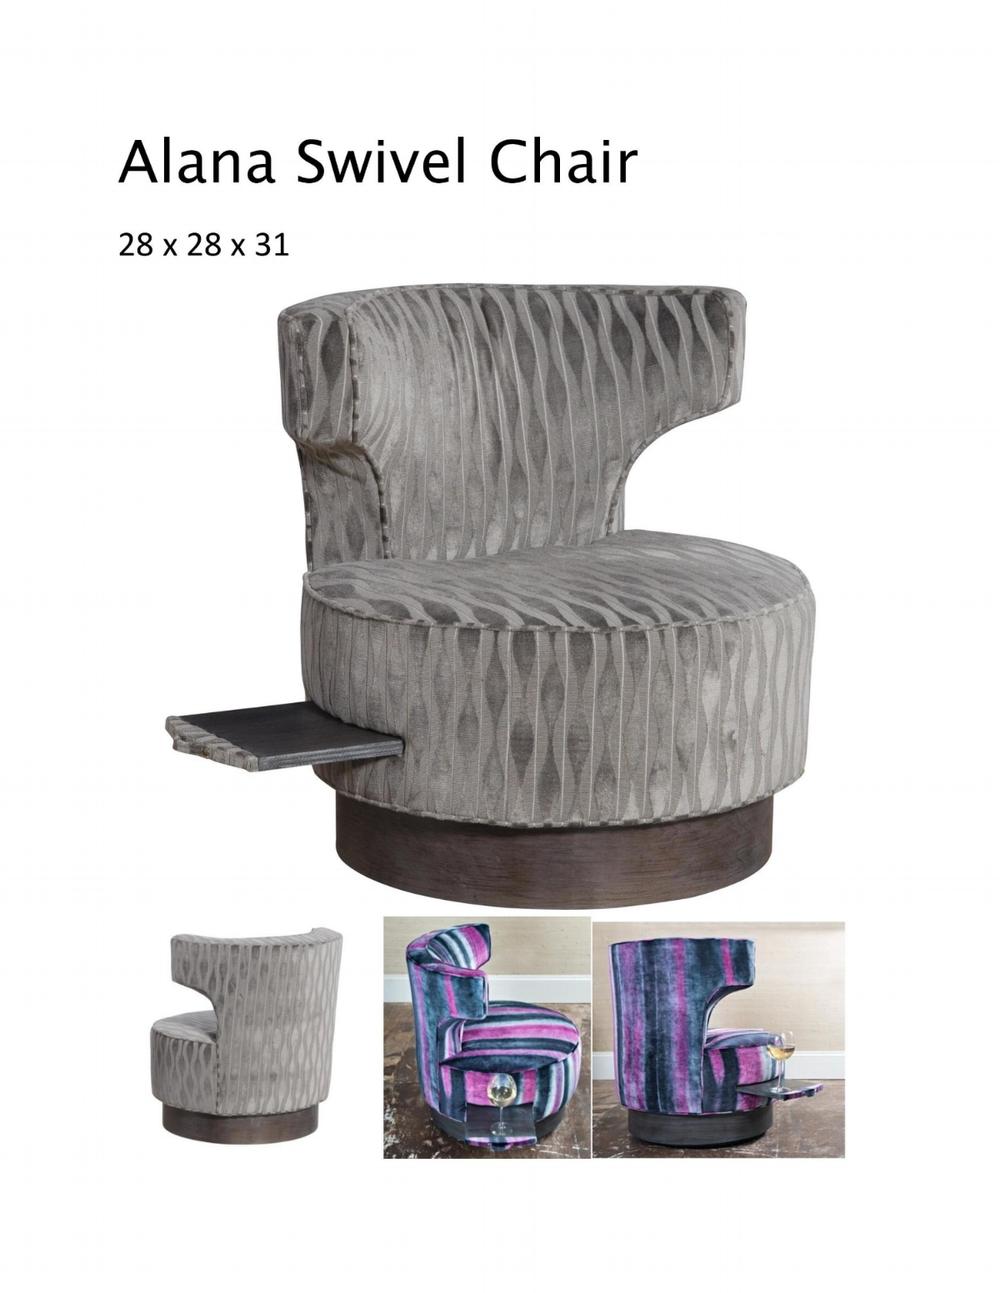 Alana Swivel Chair-page-001.jpg